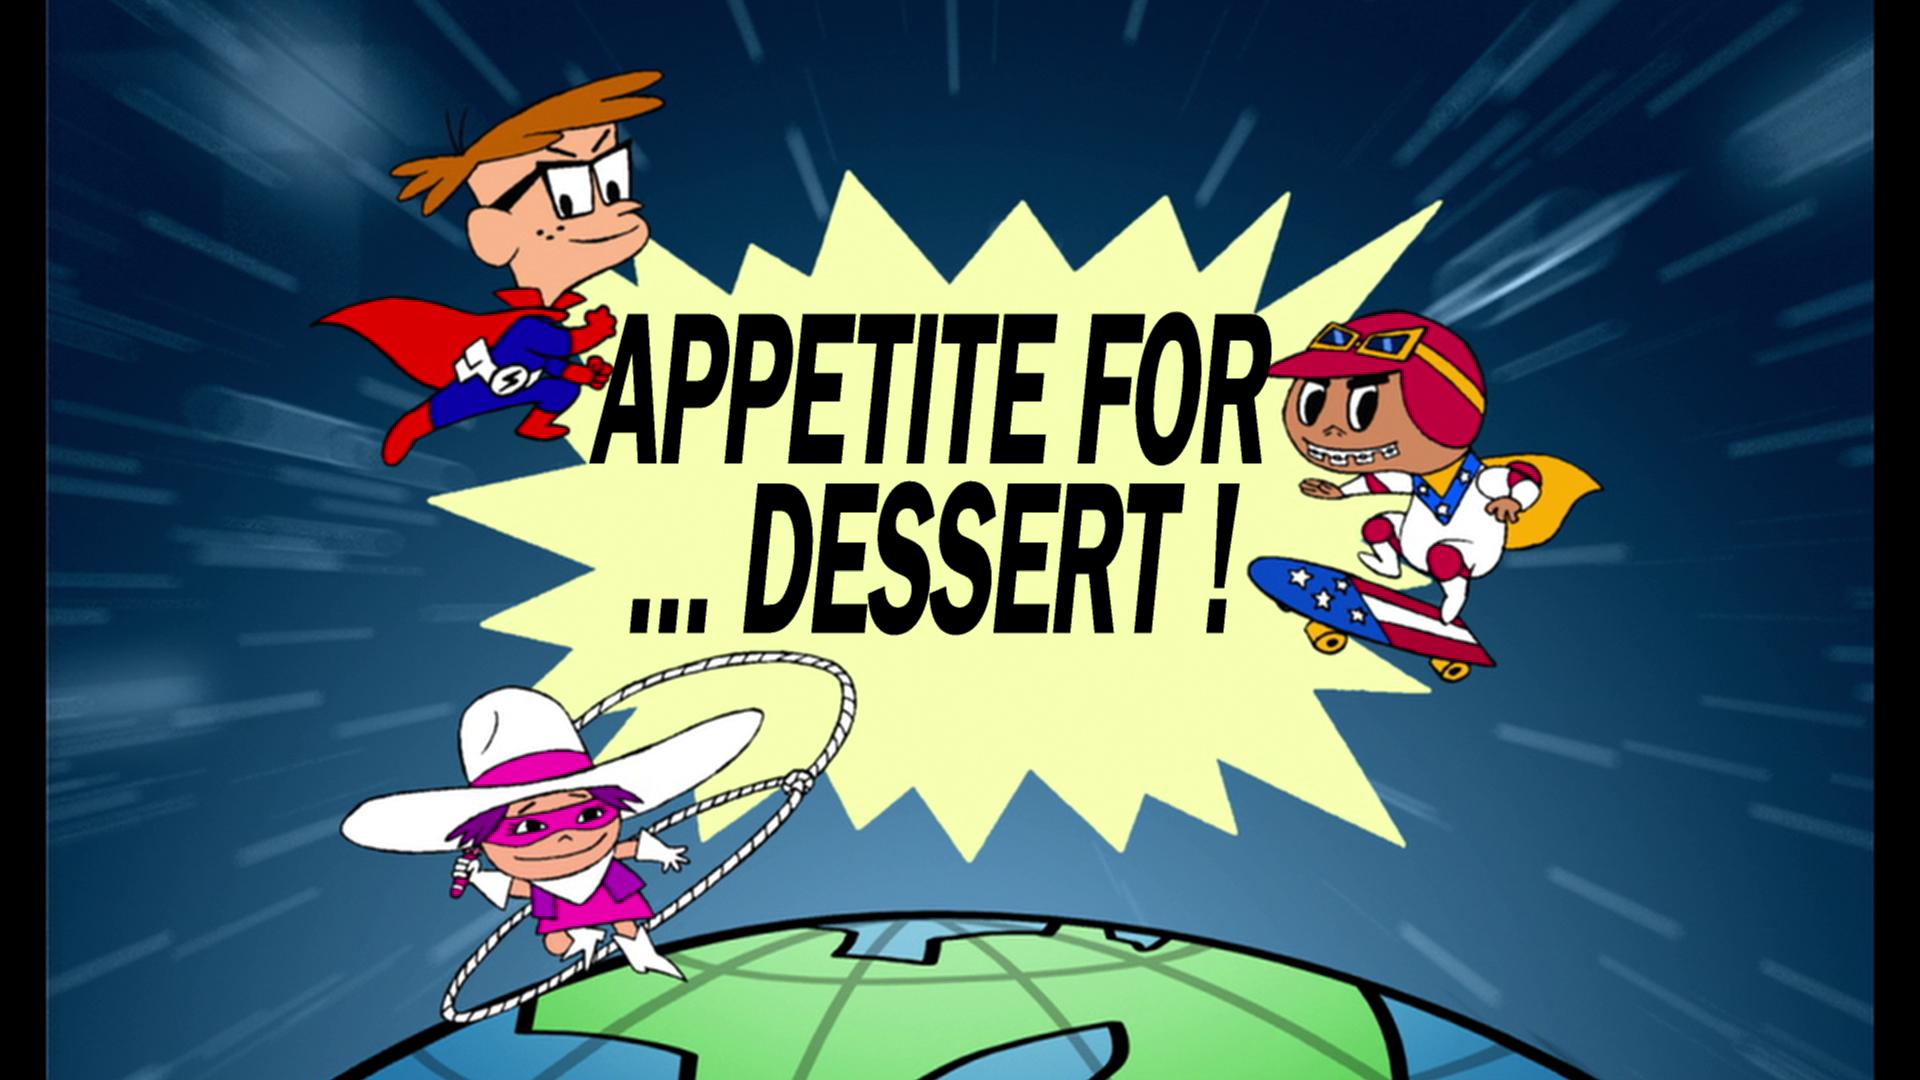 Appetite for... Dessert!